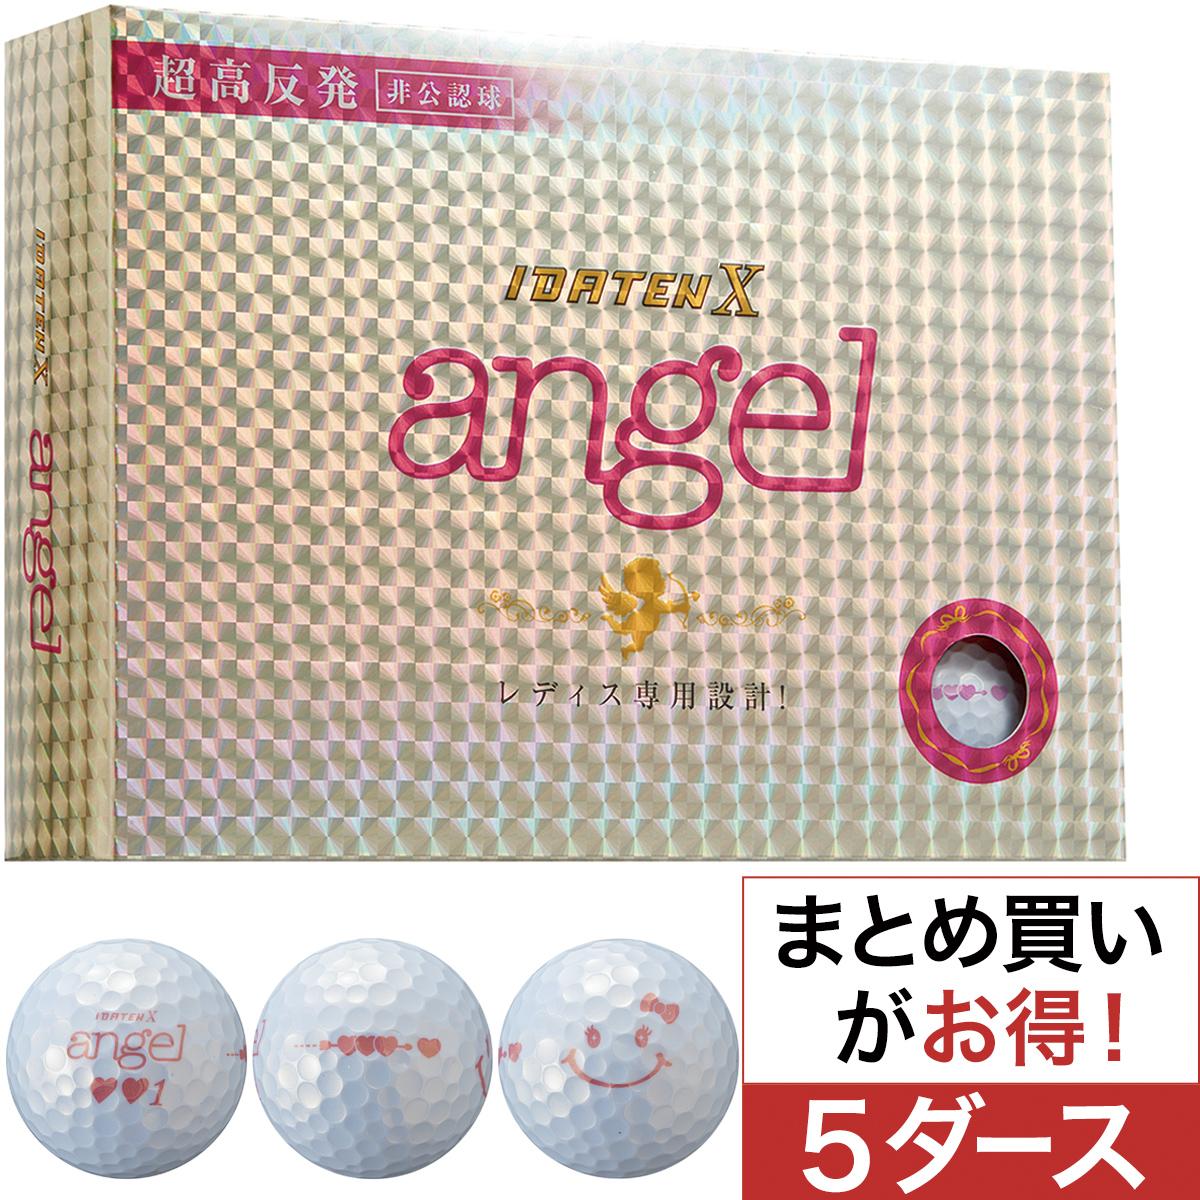 X angel ボール 5ダースセット【非公認球】レディス